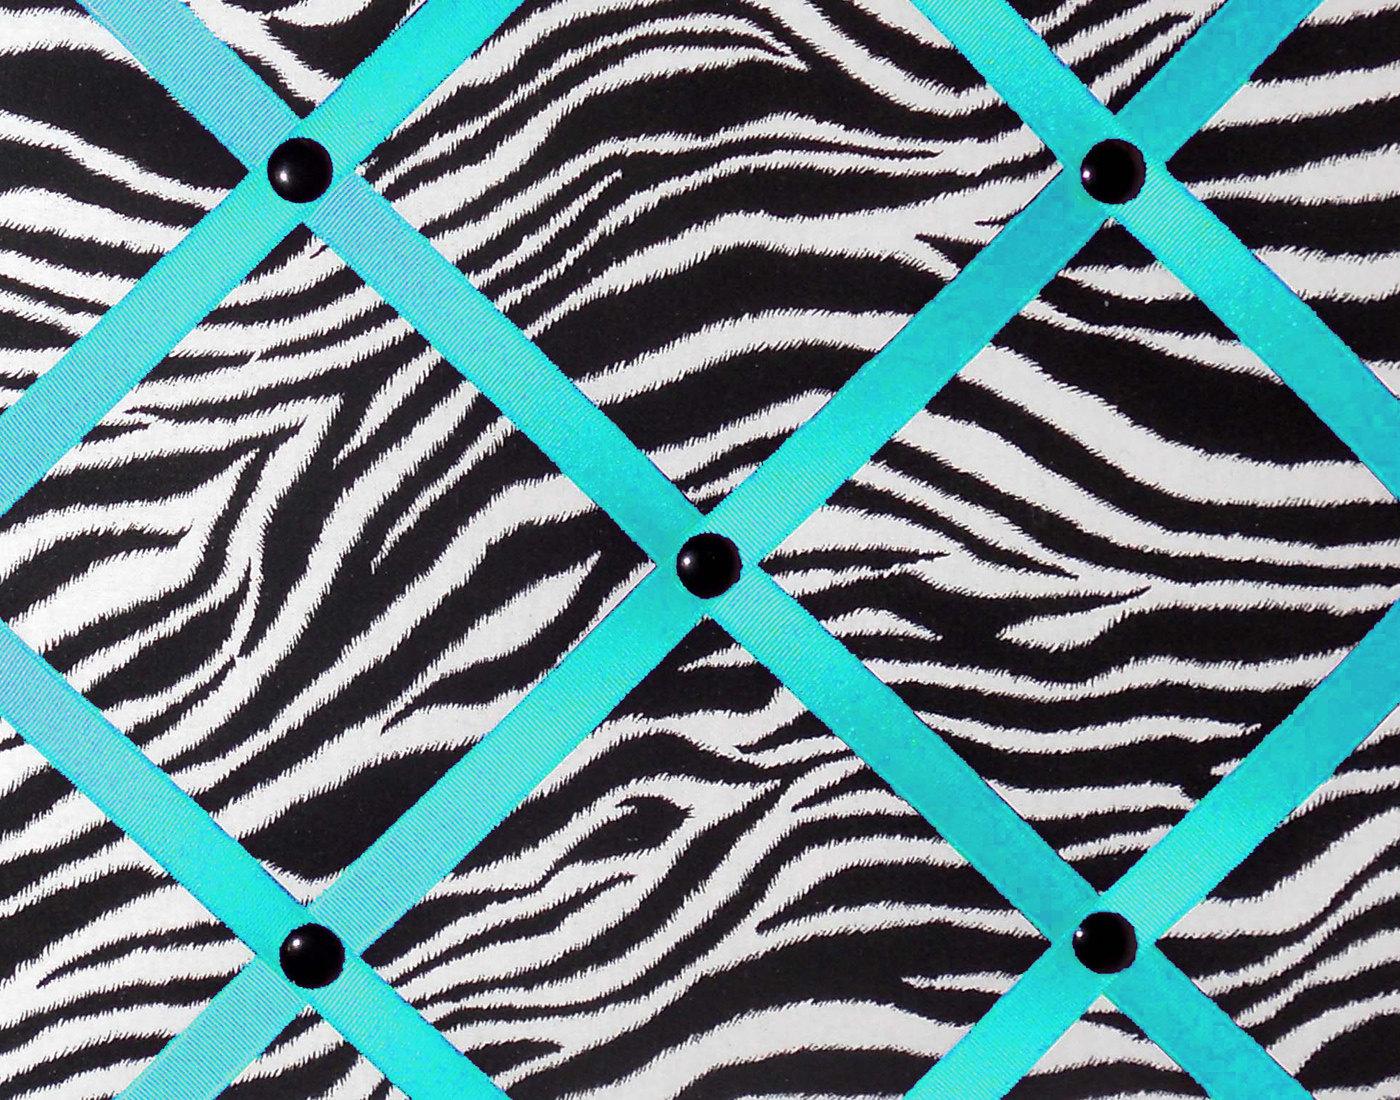 blue zebra print wallpaper - photo #17